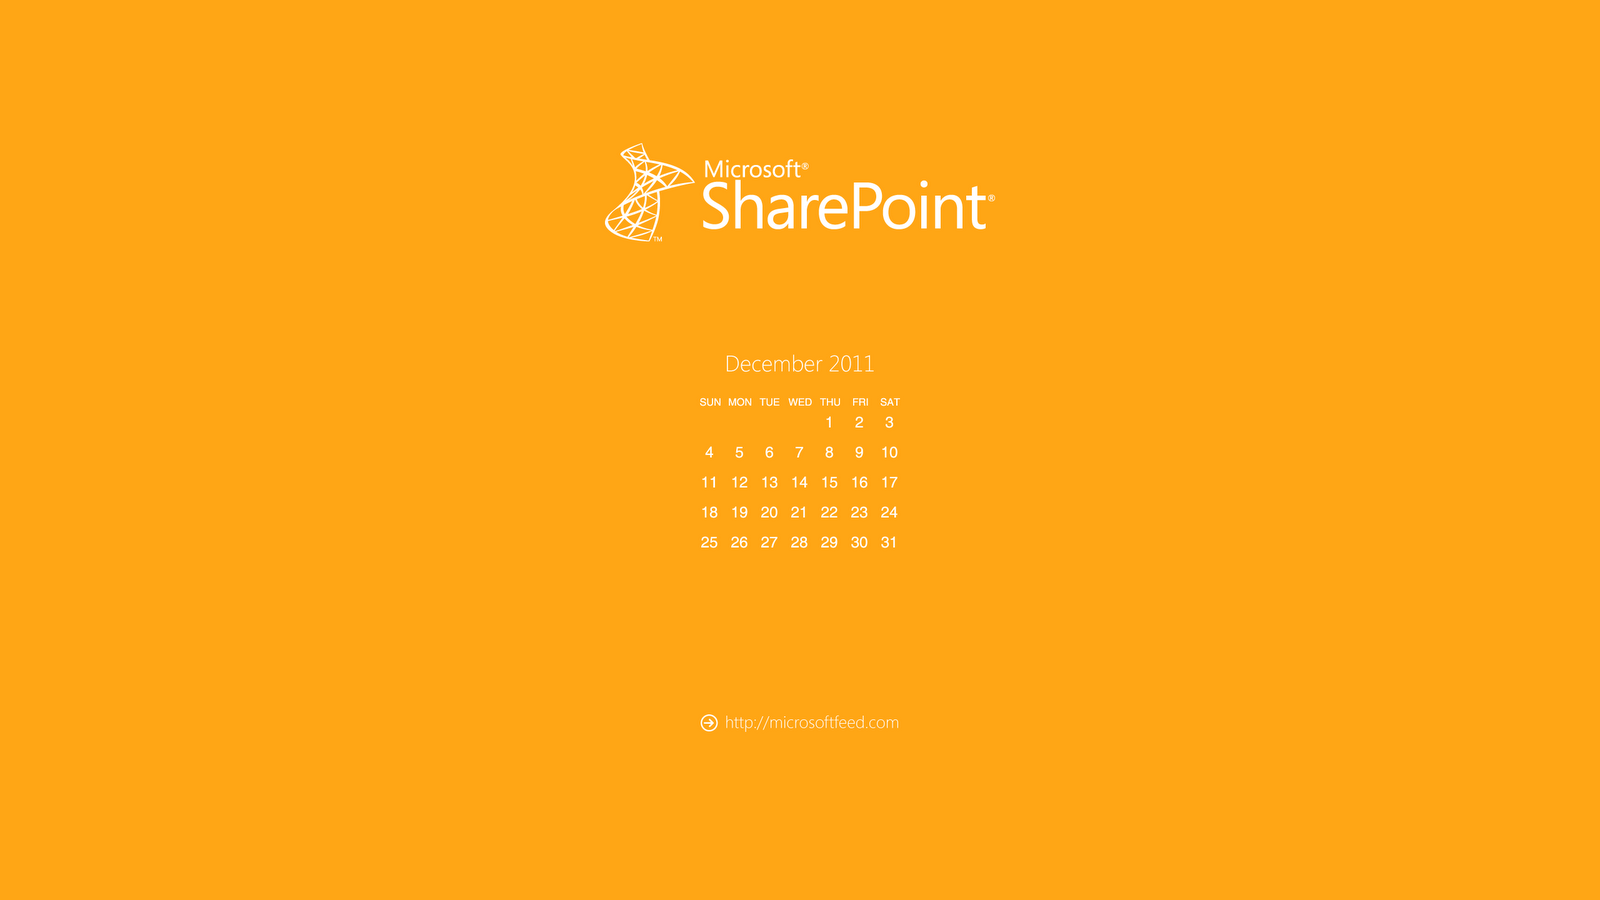 http://3.bp.blogspot.com/-LG6t08fyeXs/TtvOy-fy8jI/AAAAAAAABy4/s1dLIAP3qpY/s1600/SharePoint-2010-Metro-Style-Desktop-Wallpaper-Calendar-December-2011.png